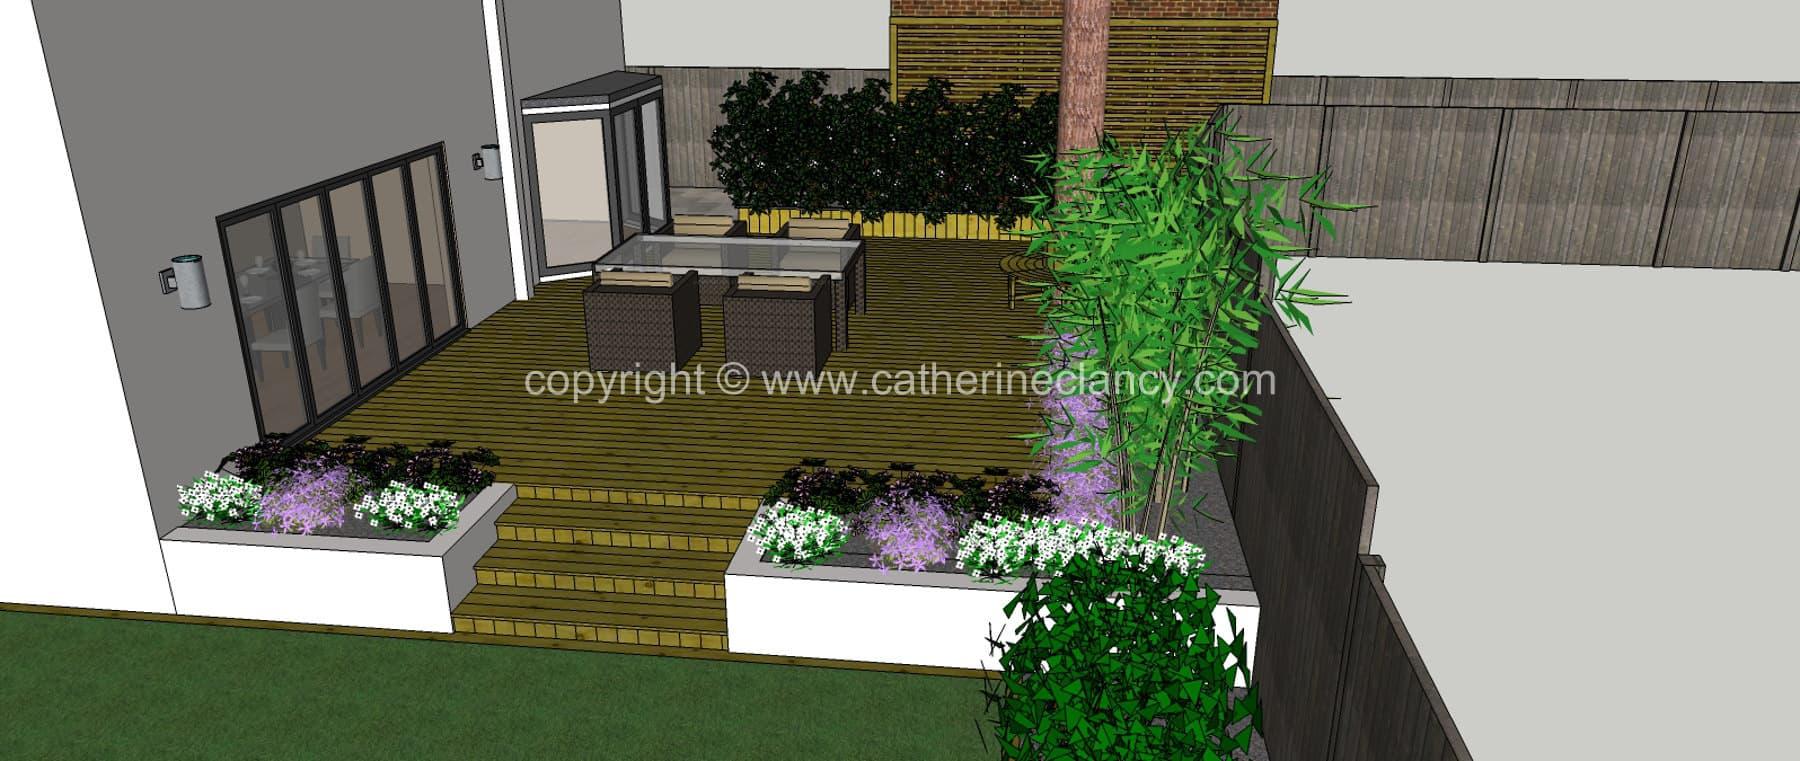 blackheath-deck-garden-8